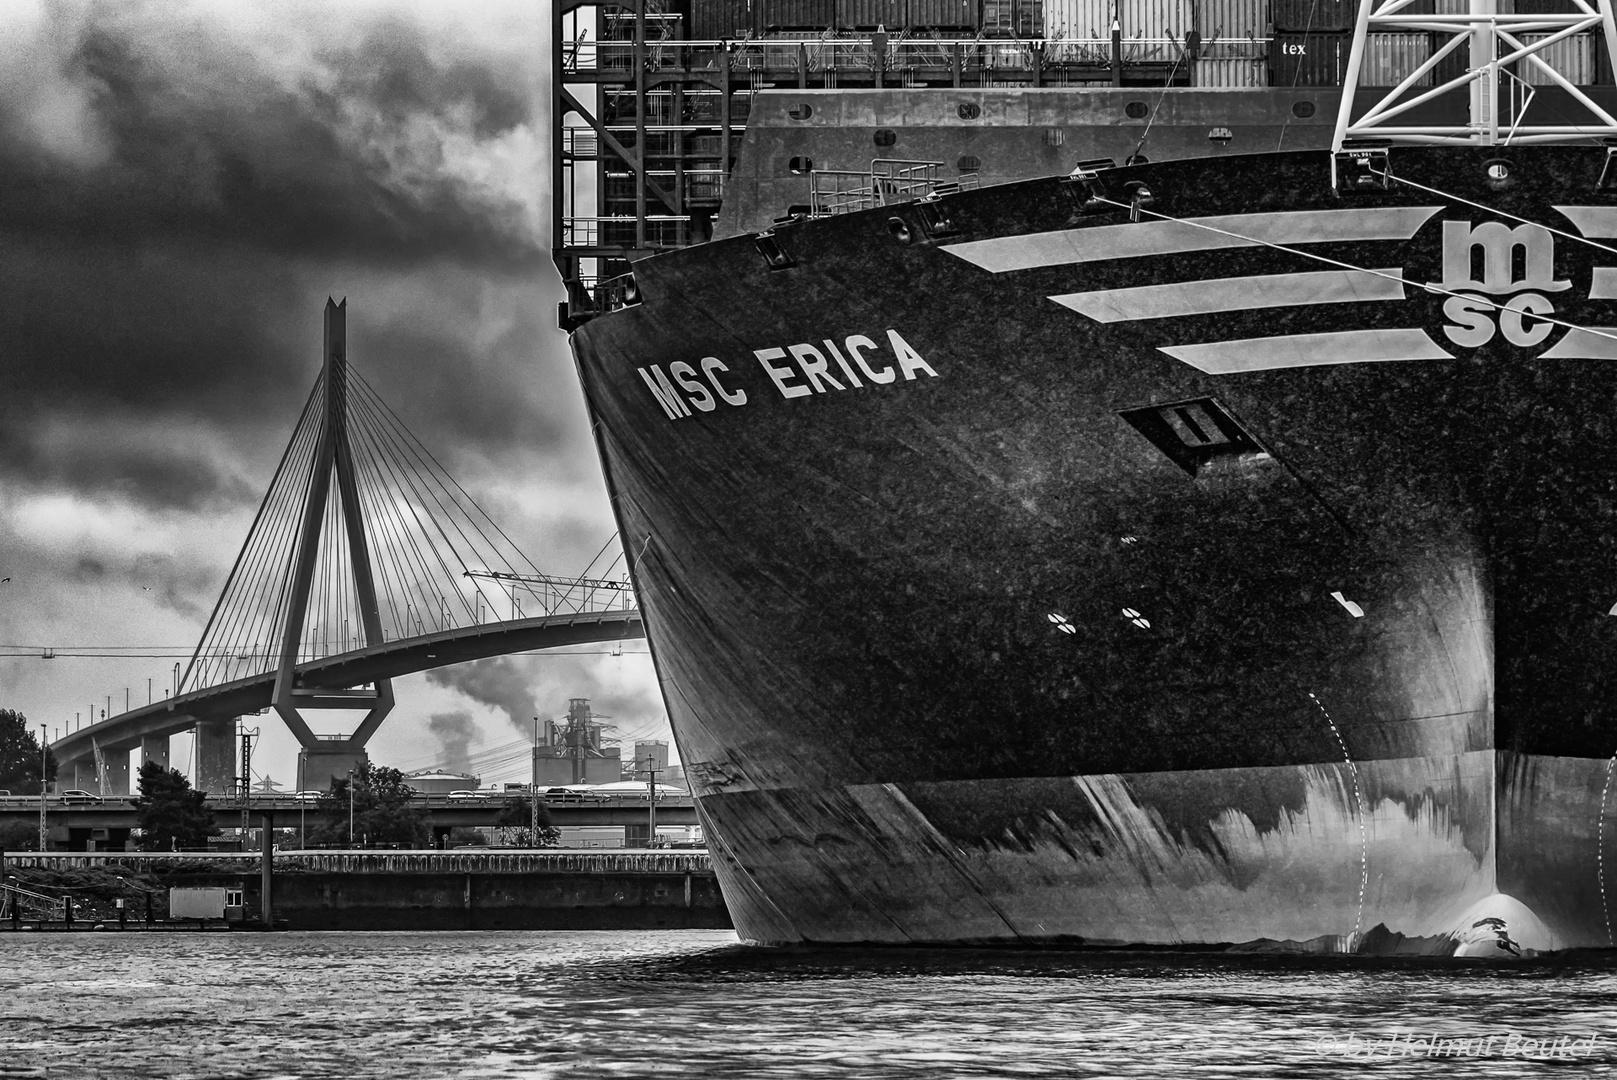 MSC ERICA @ Waltershofer Hafen Hamburg